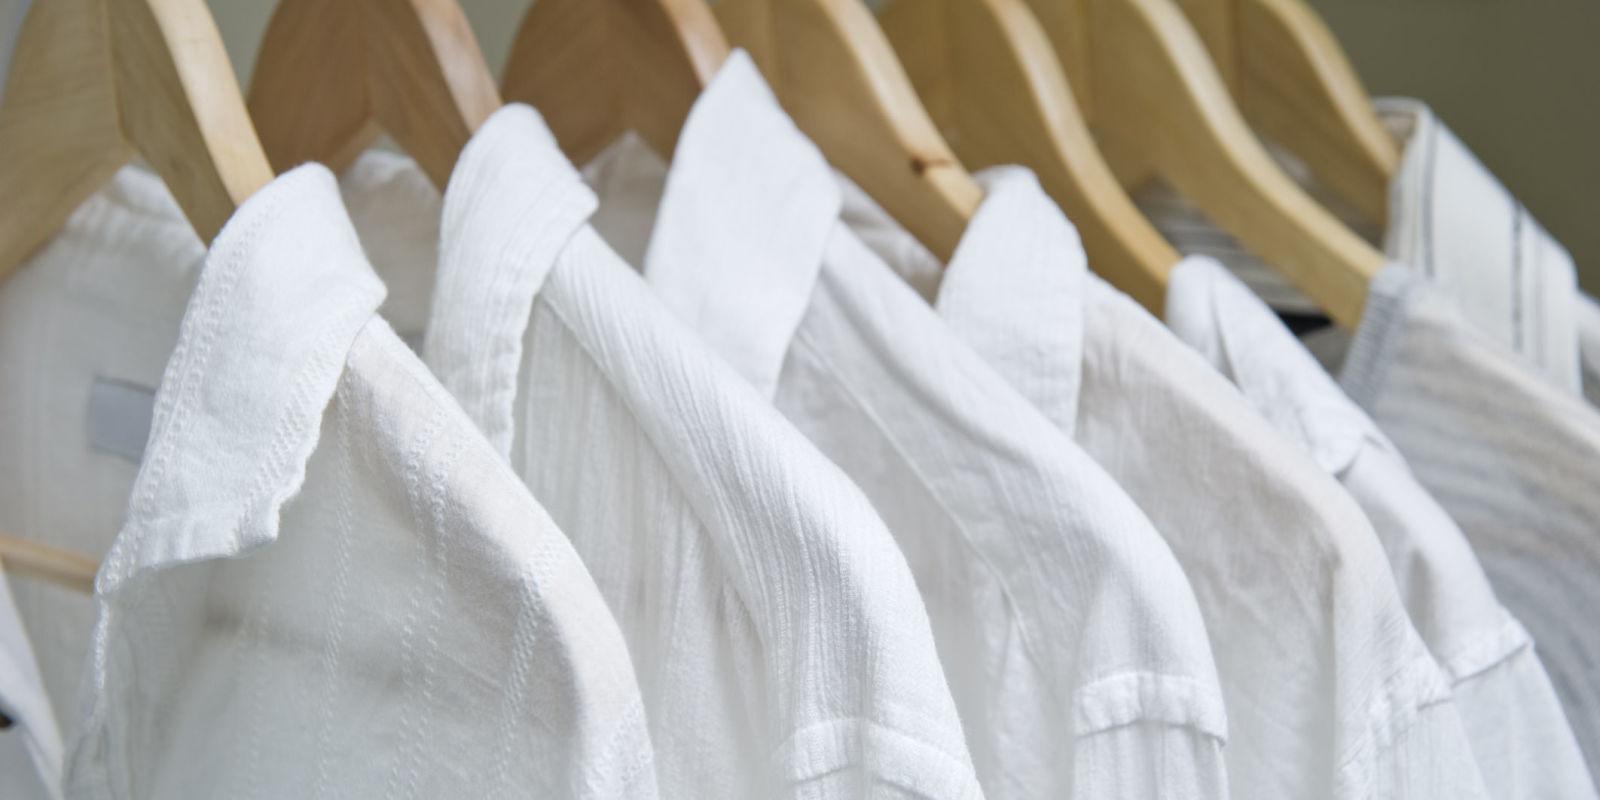 Химчистка на дому: как отбелить воротник рубашки без использования профессиональных средств